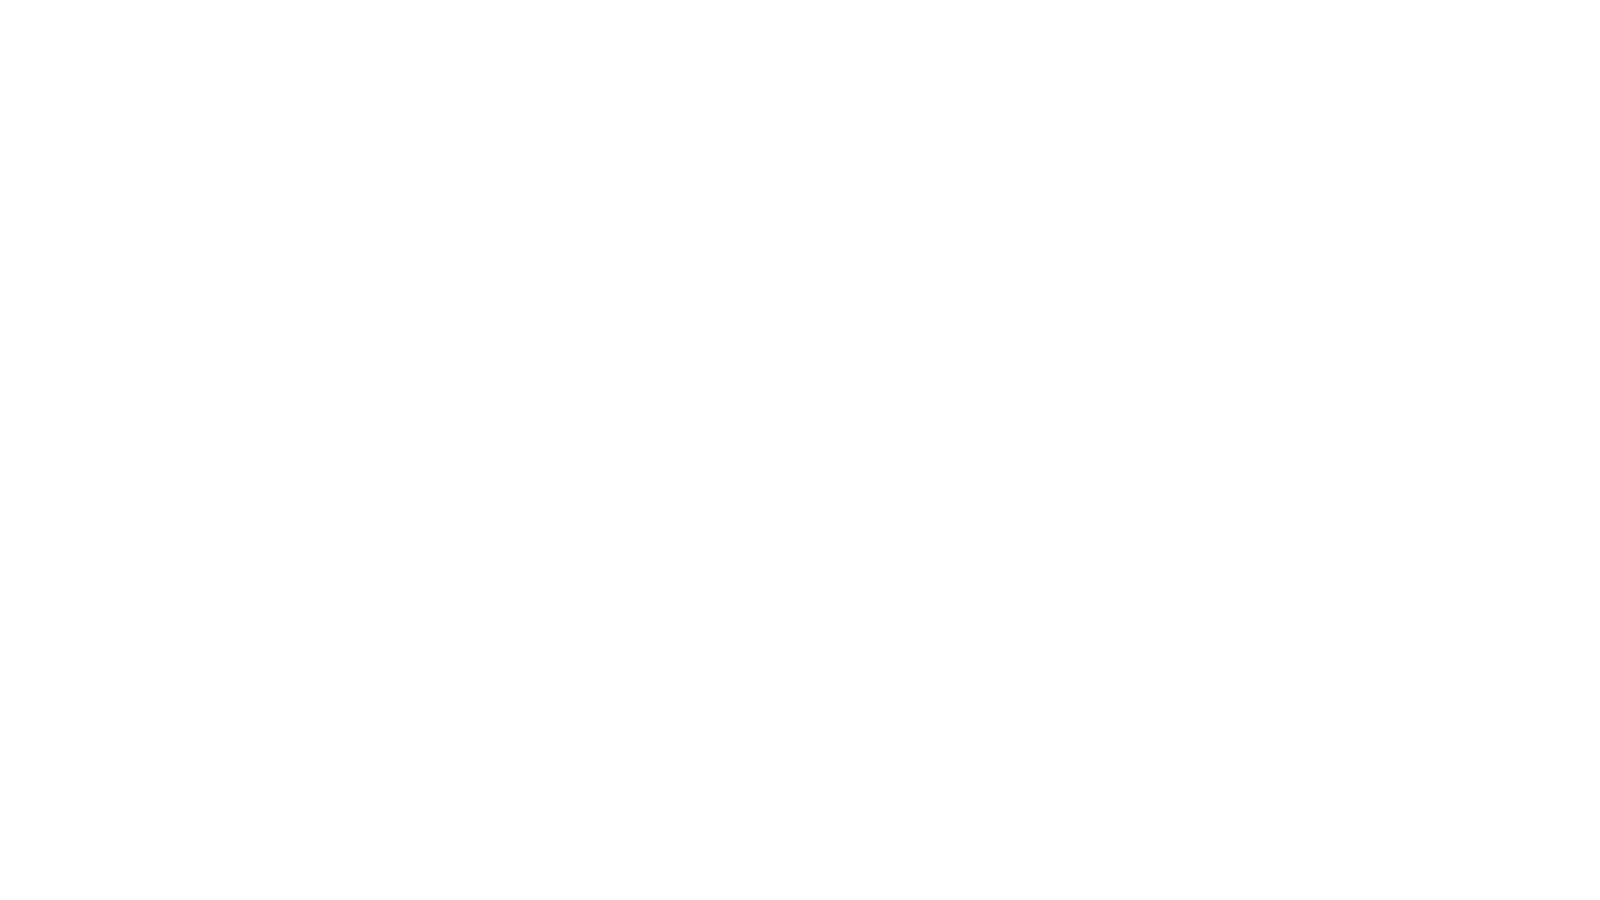 www.esthergrey.org